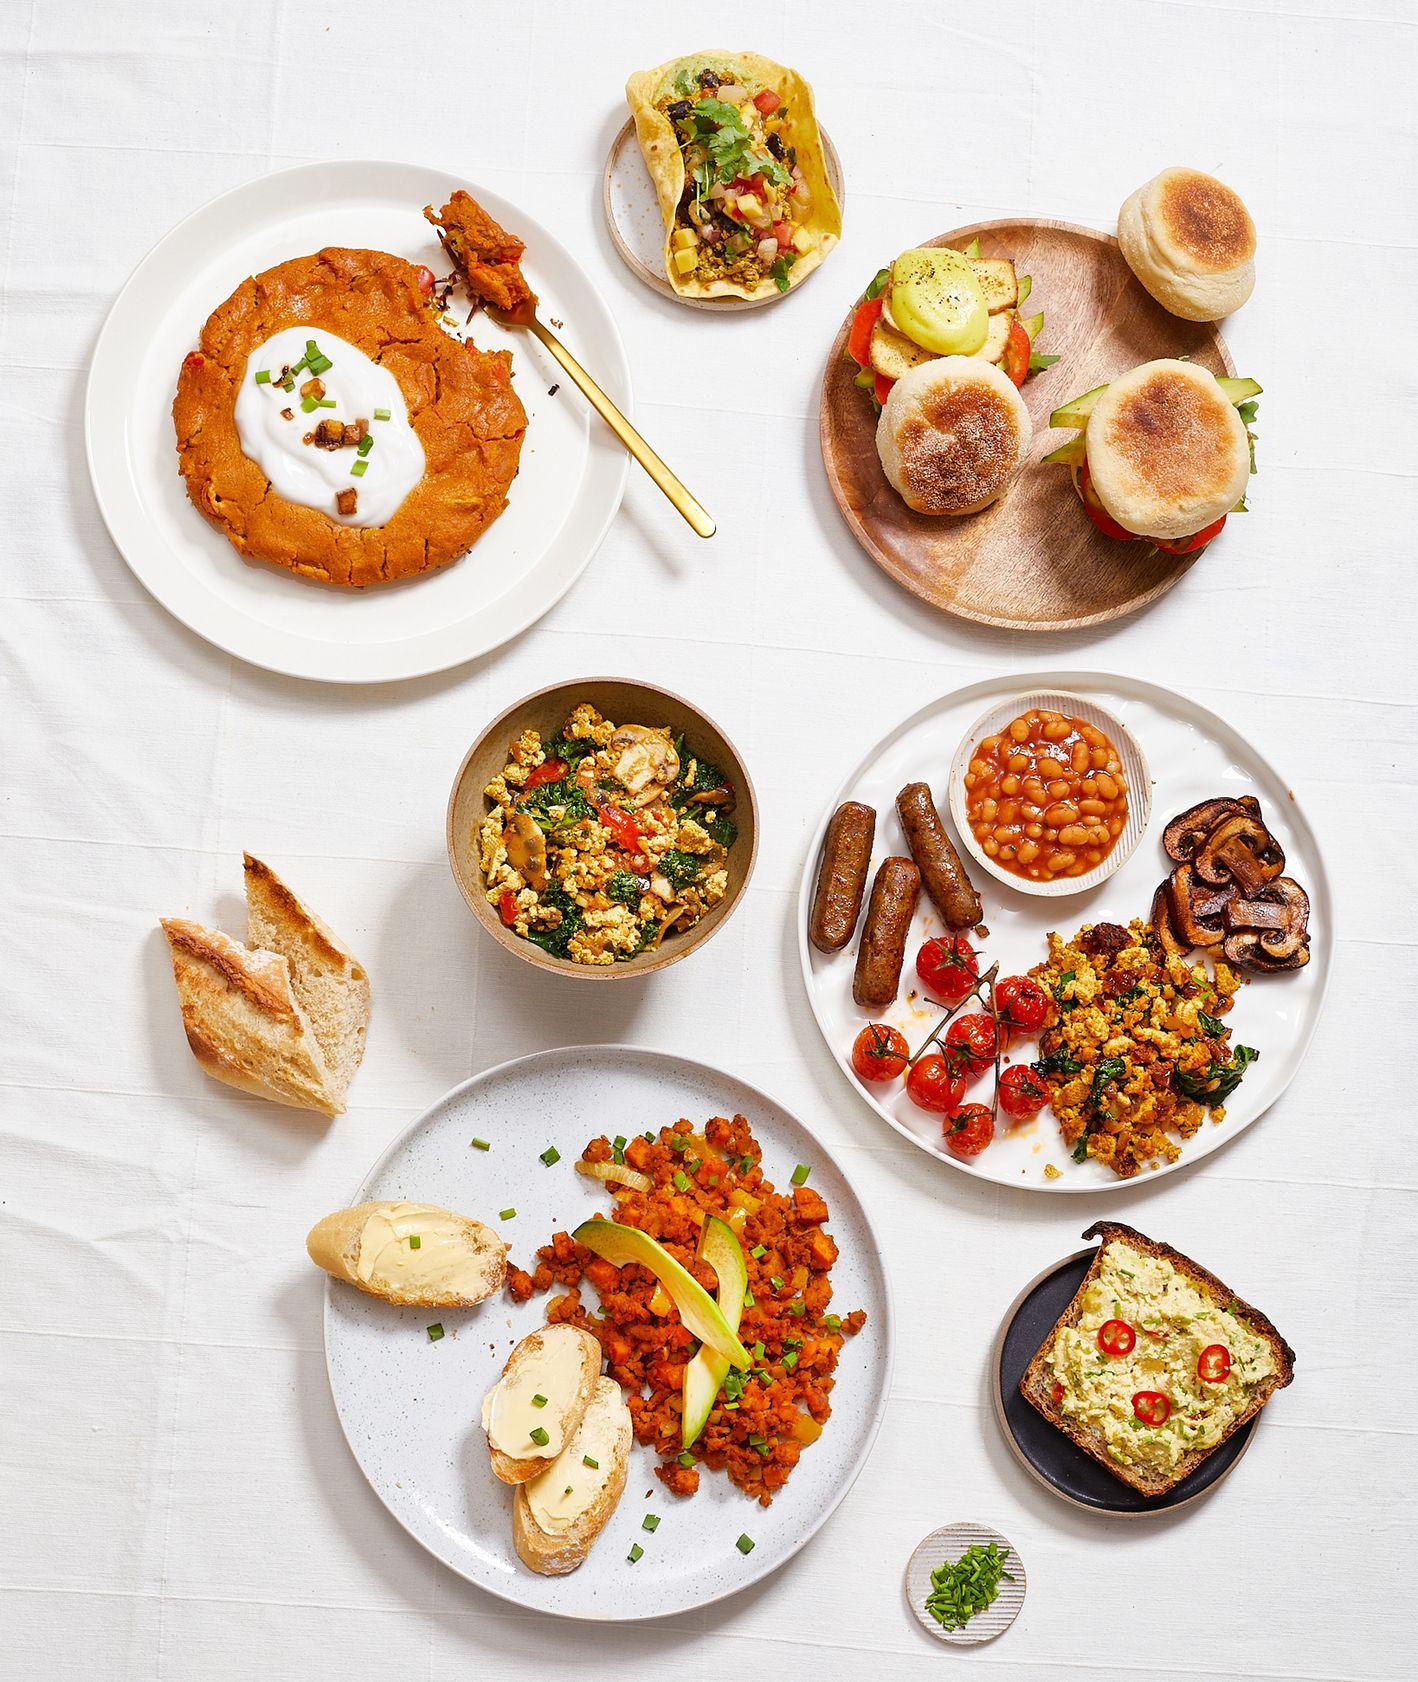 Przepisy na wegańskie śniadania (fot. Maciek Niemojewski)